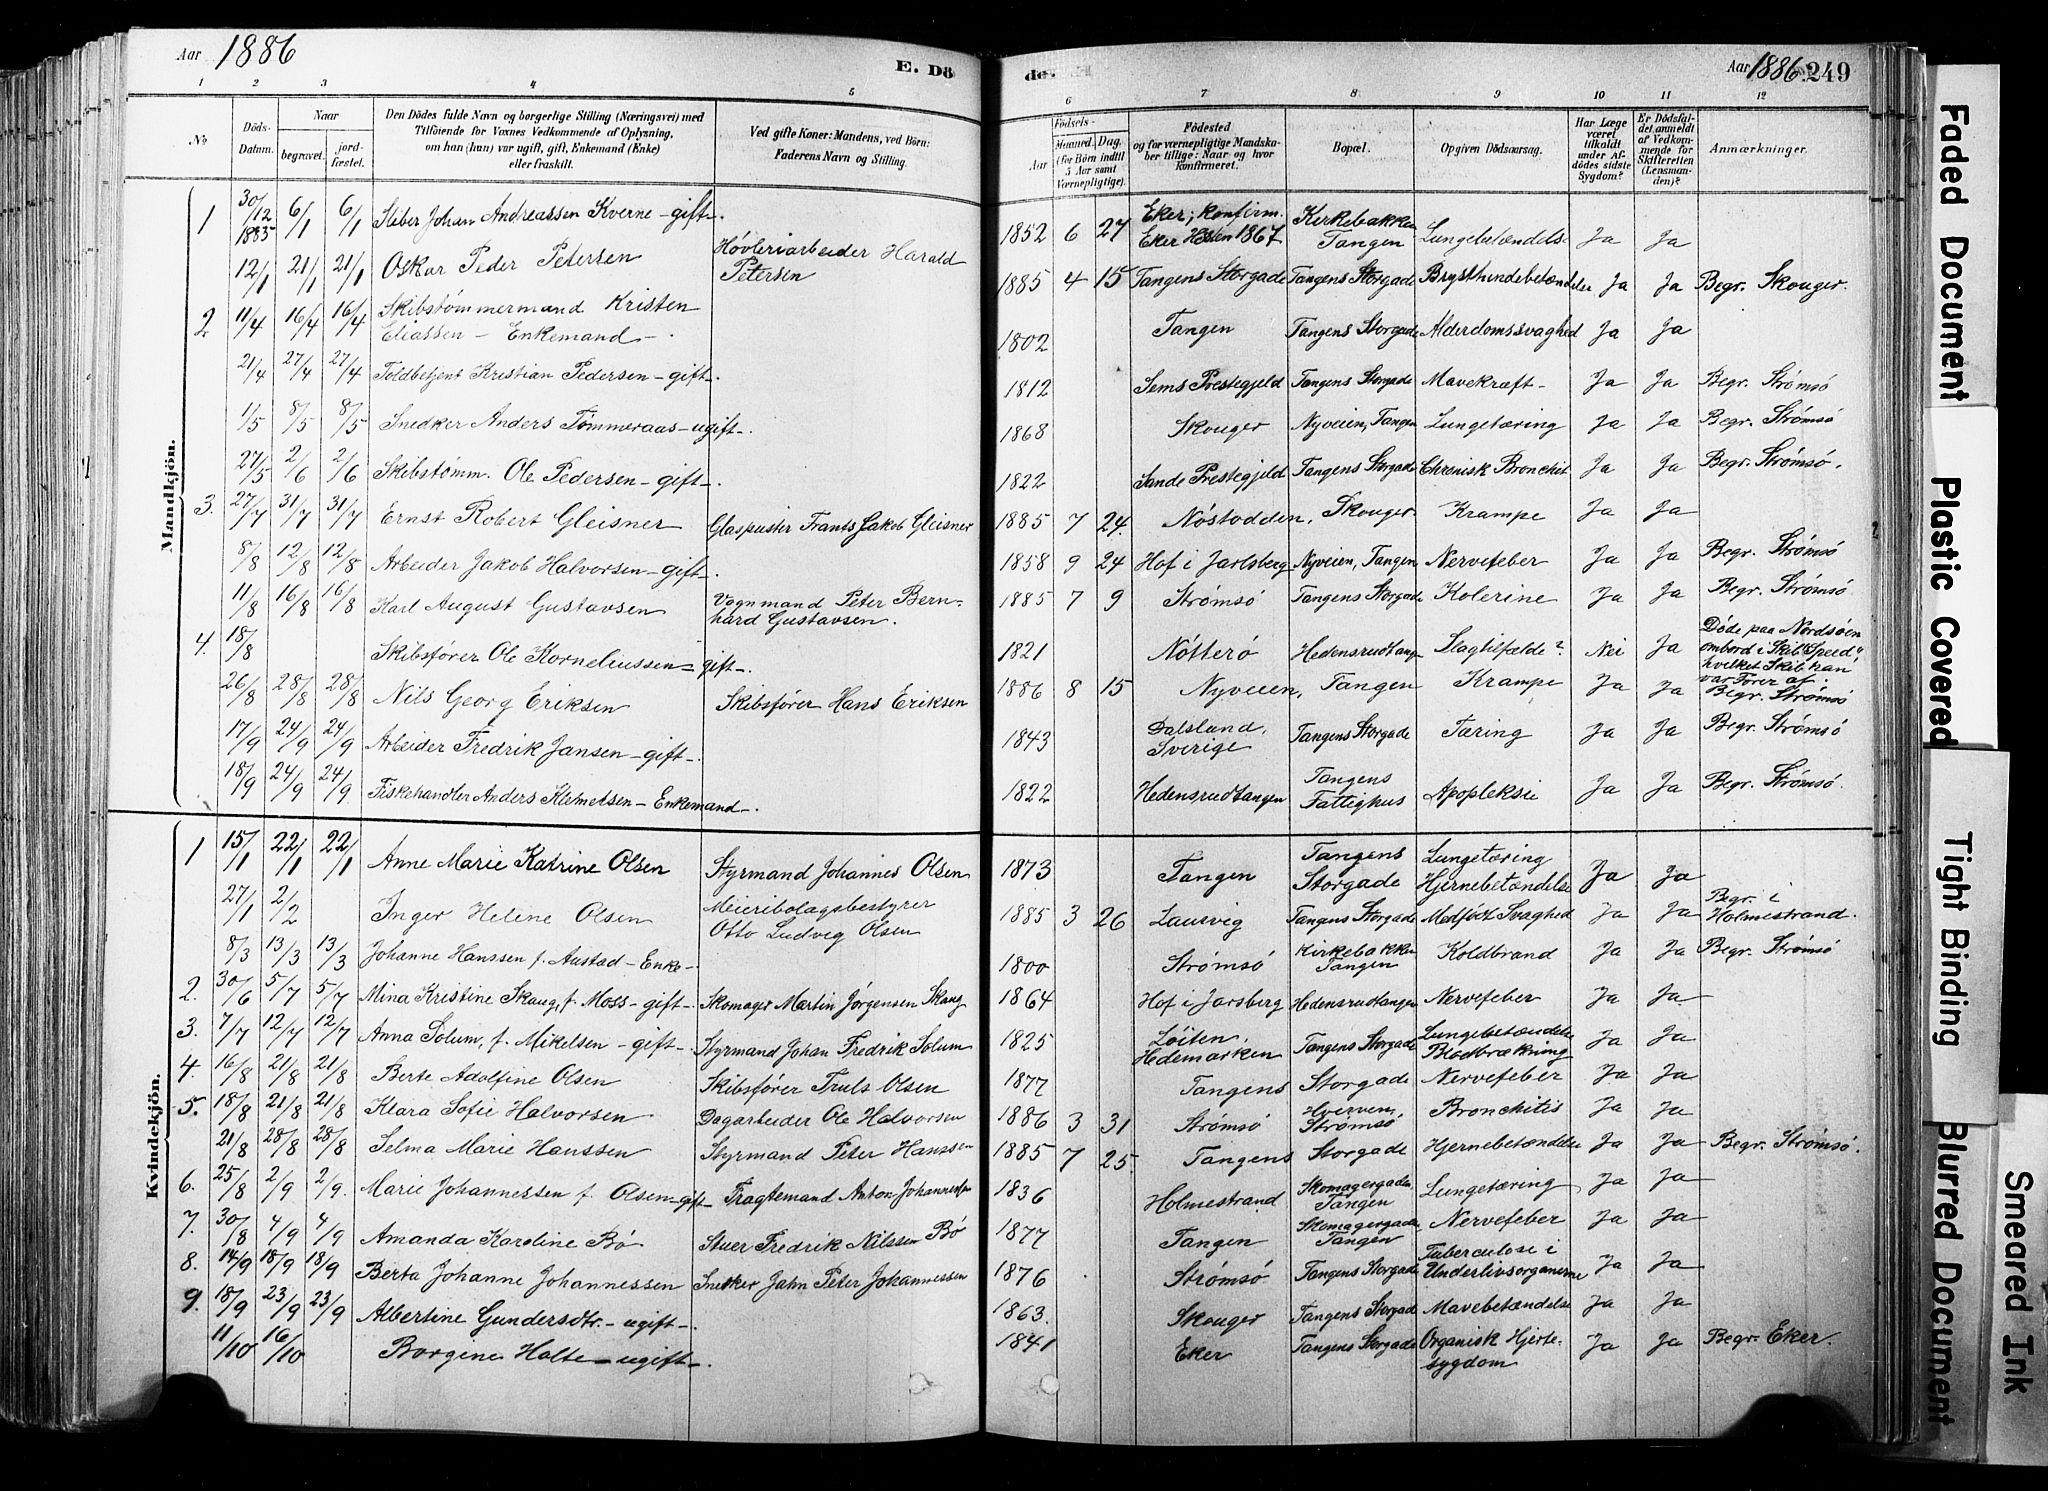 SAKO, Strømsø kirkebøker, F/Fb/L0006: Ministerialbok nr. II 6, 1879-1910, s. 249